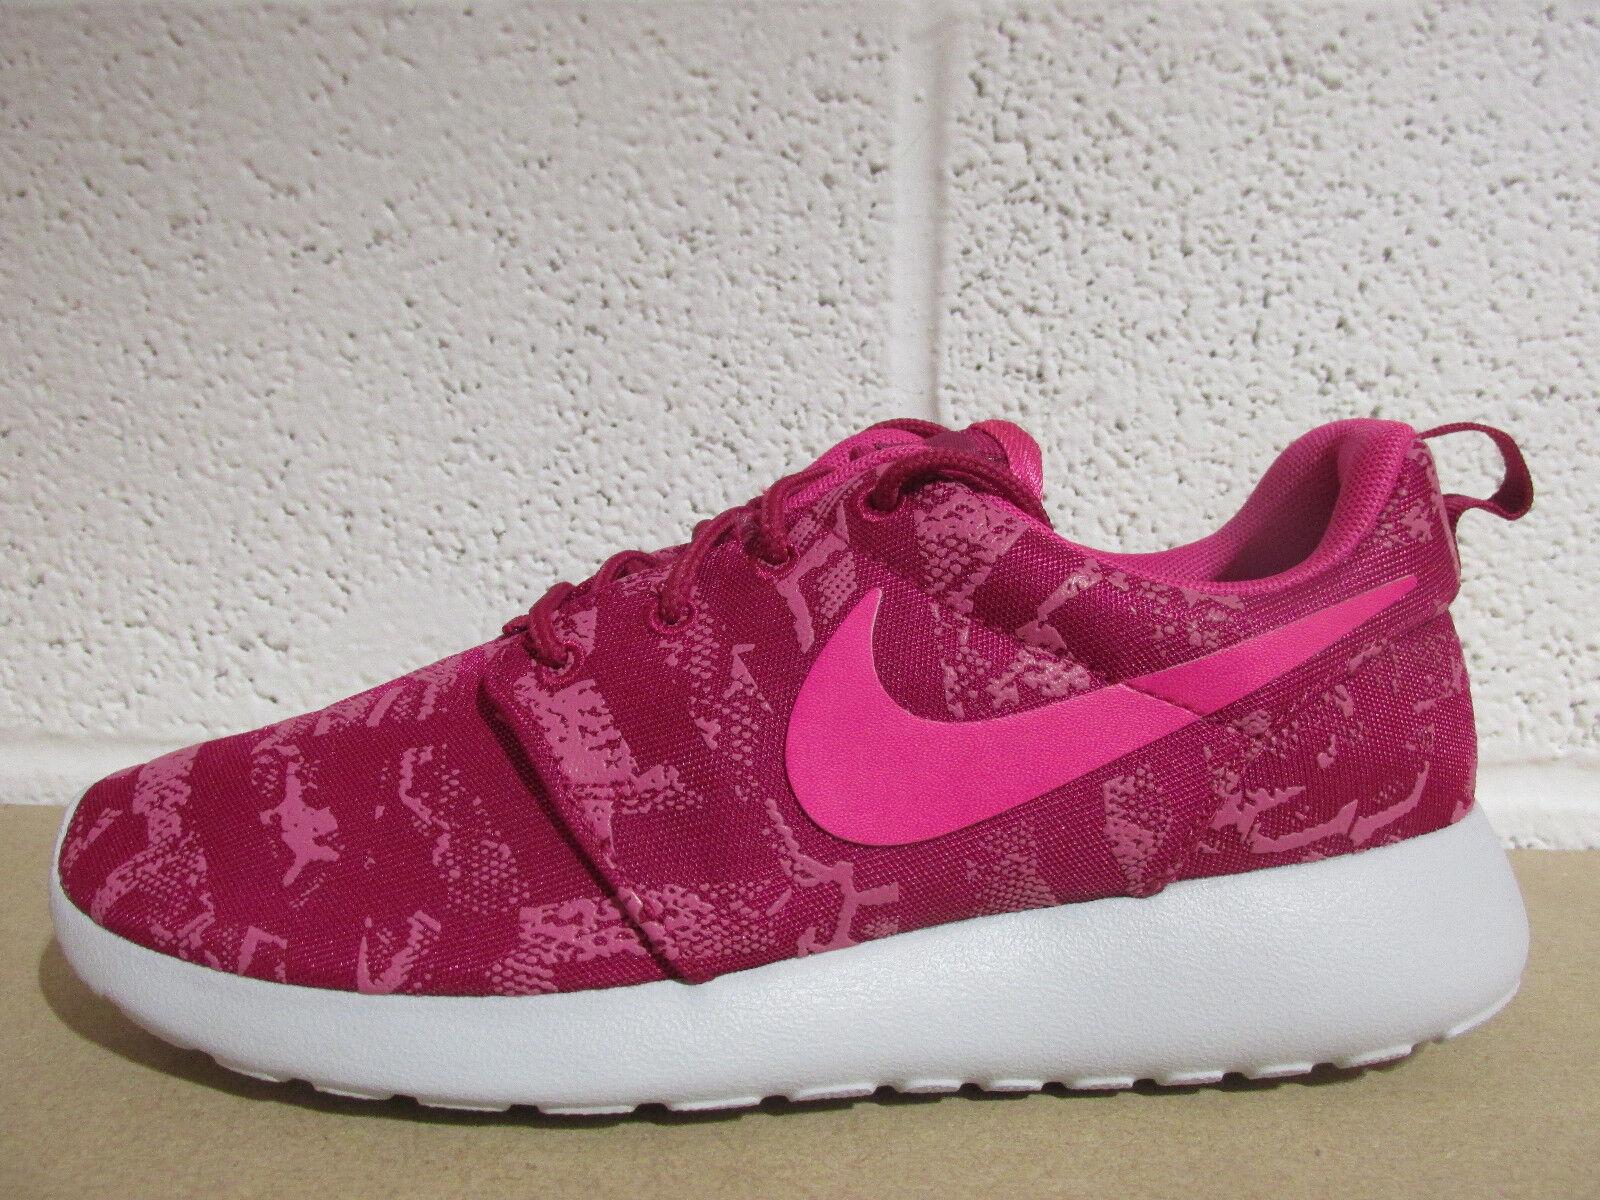 Nike Damenss rosherun 660 print running trainers 599432 660 rosherun Turnschuhe schuhe 4ba050